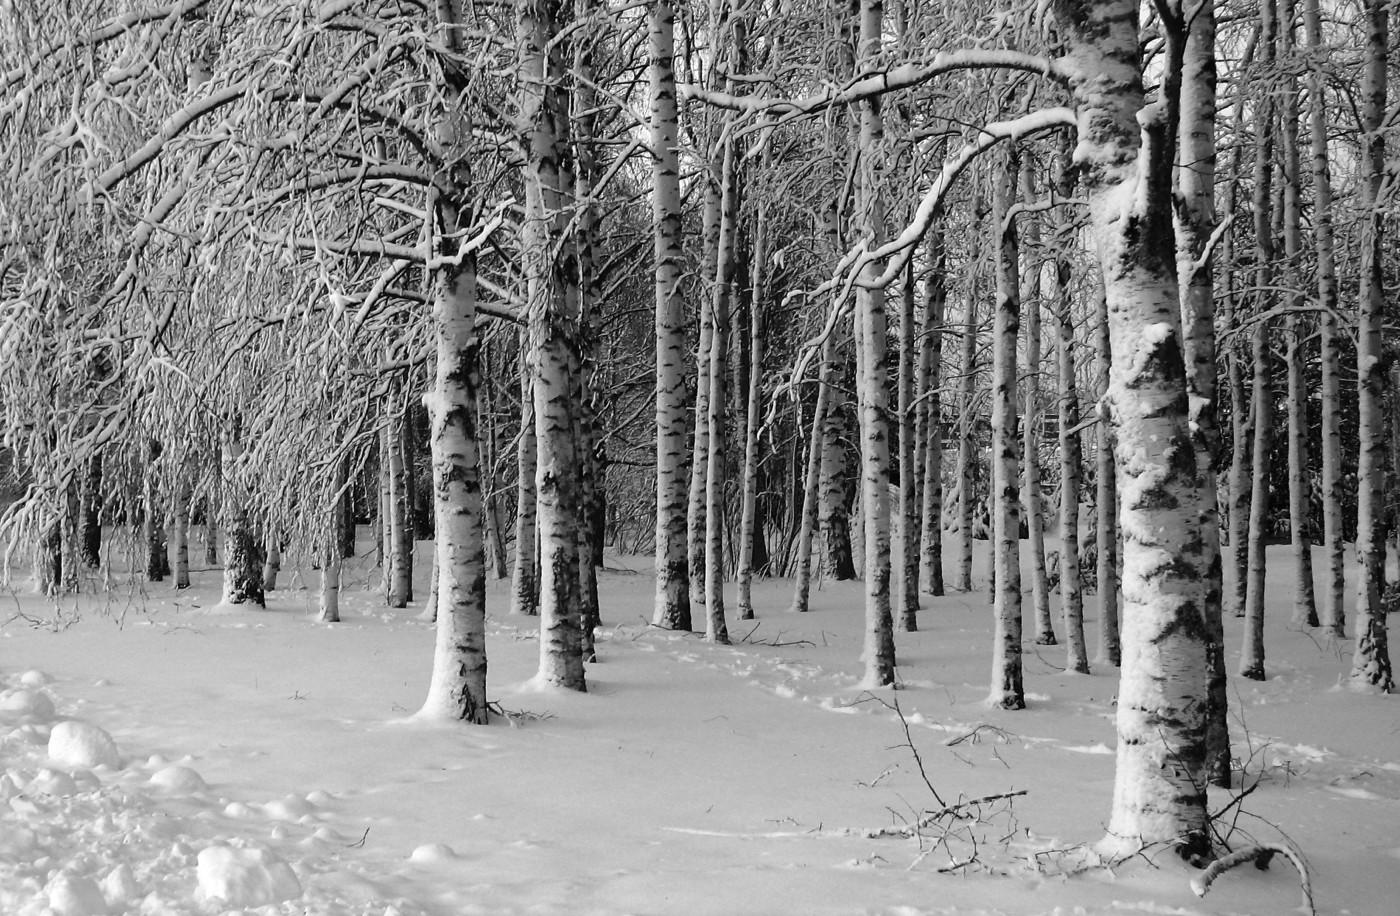 berken in sneeuw